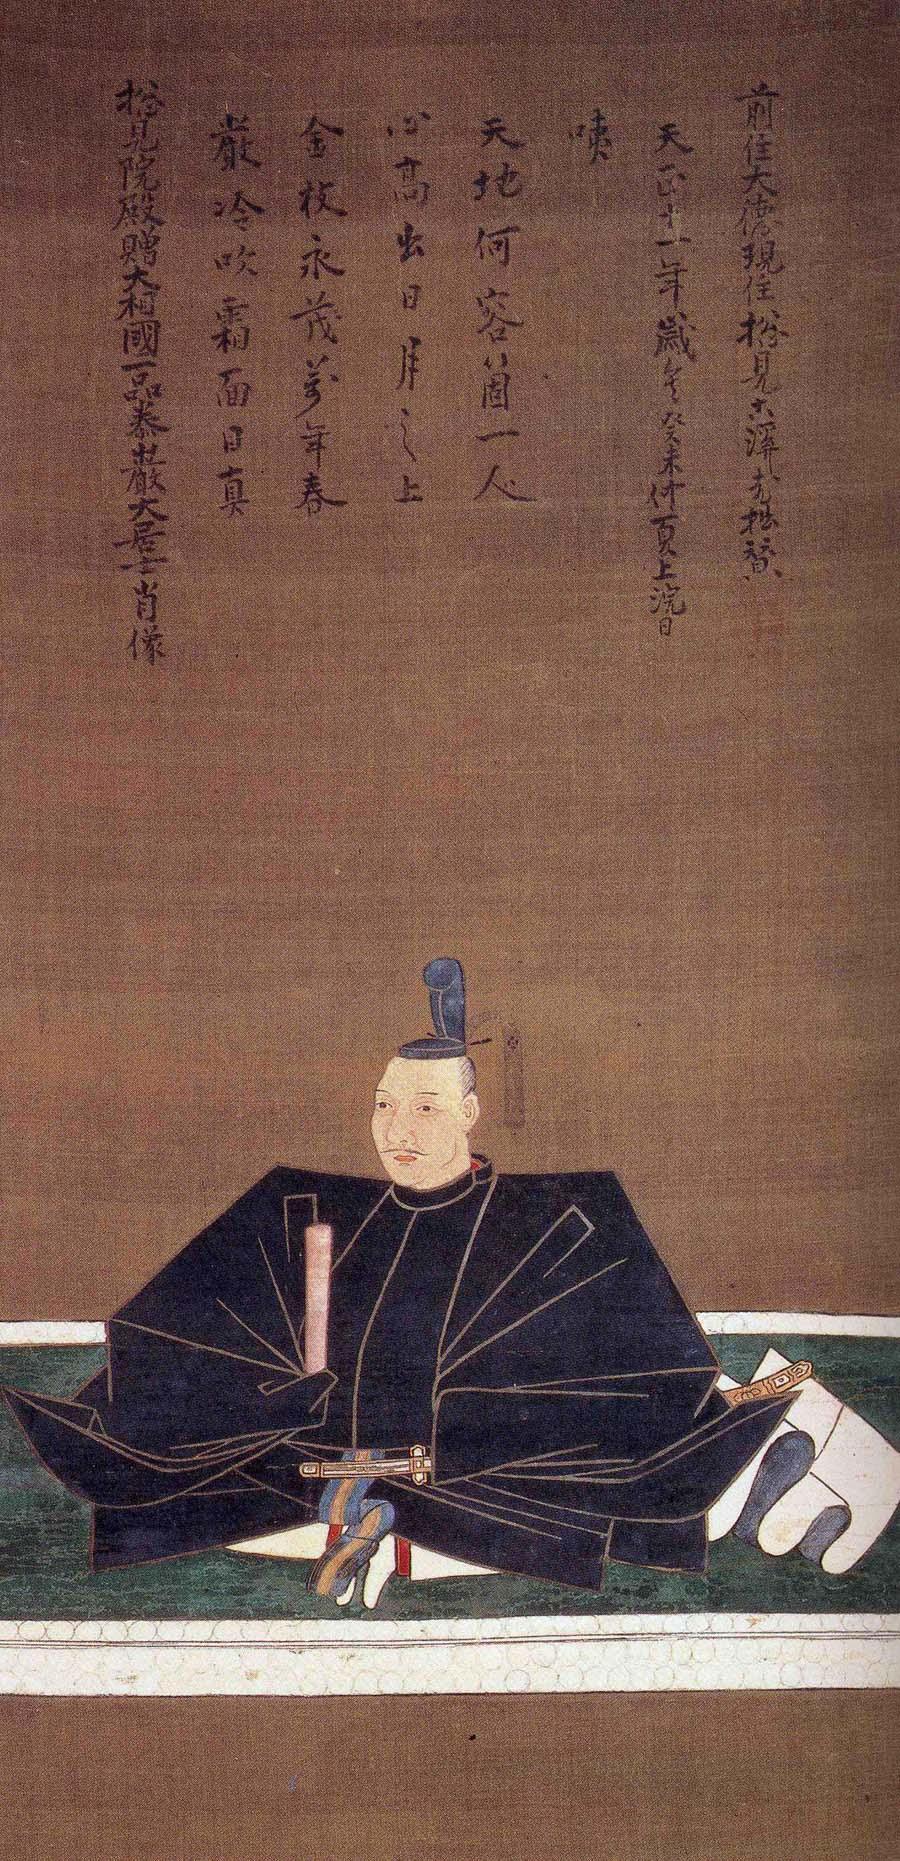 織田信長像 (神戸市立博物館蔵)